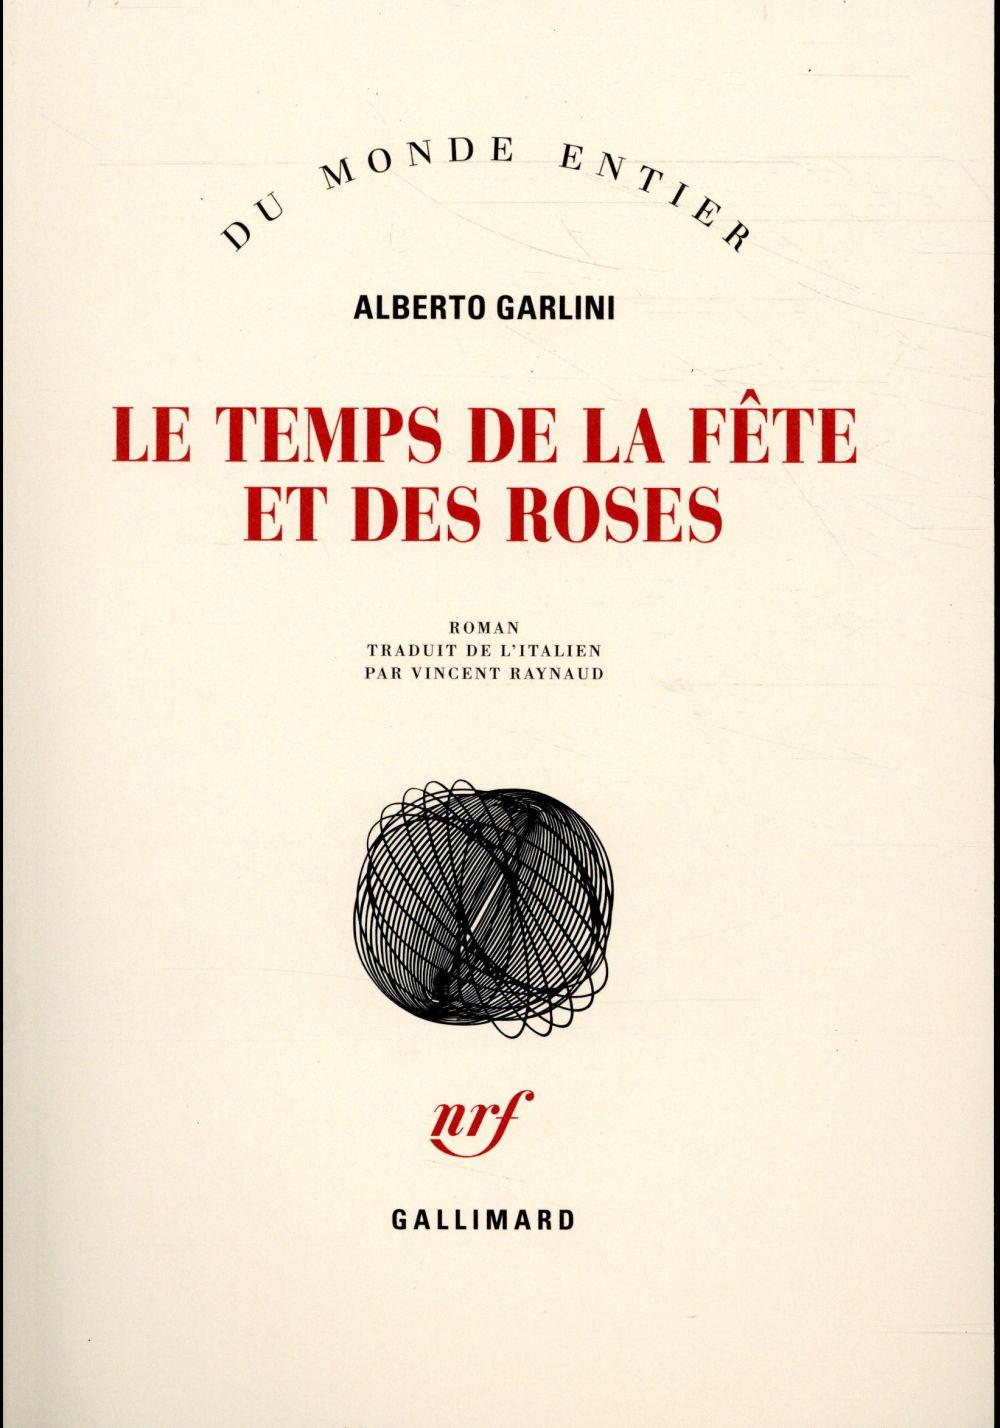 Le temps de la fête et des roses